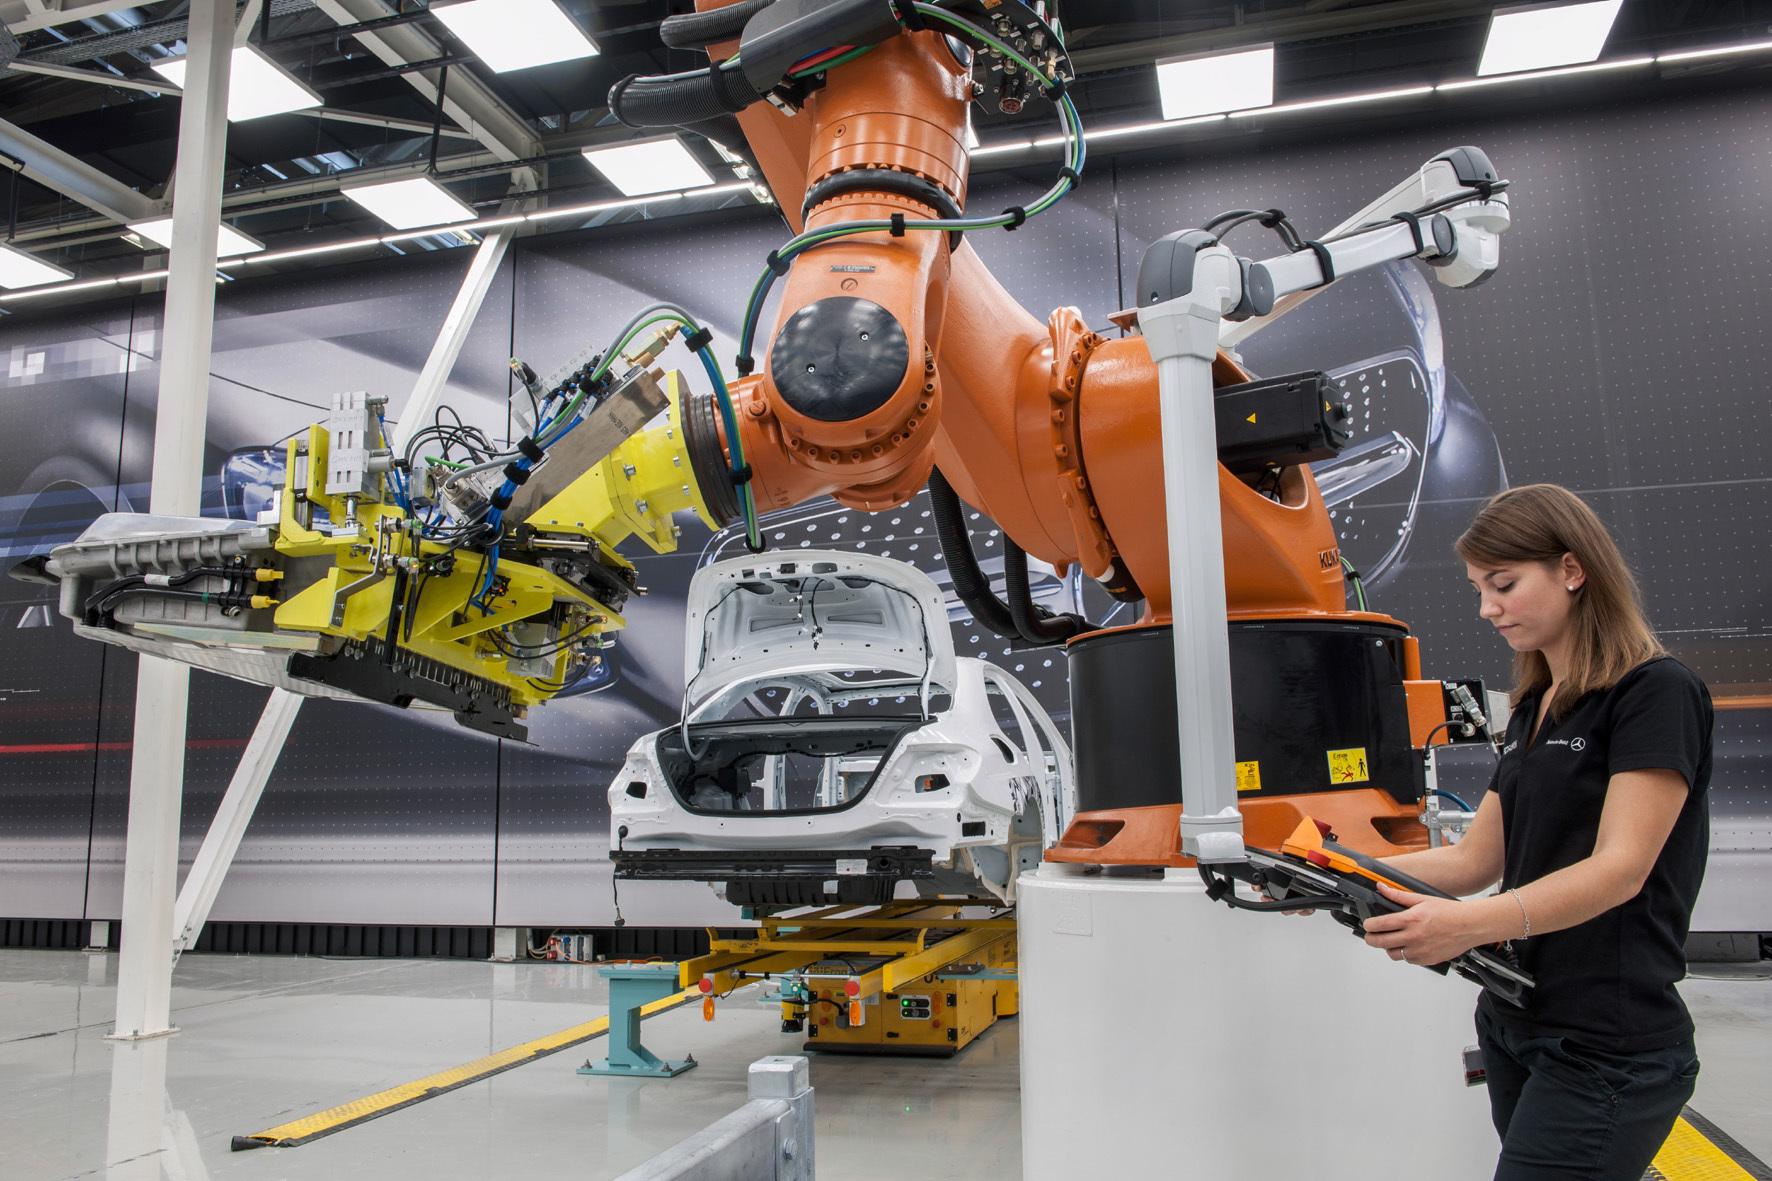 mid Stuttgart - Der Blick in die Zukunft des Autobaus: Durch die Mensch-Roboter-Kooperation und den Einsatz eines fahrerlosen Transport-Fahrzeugs soll die Montage flexibler werden.